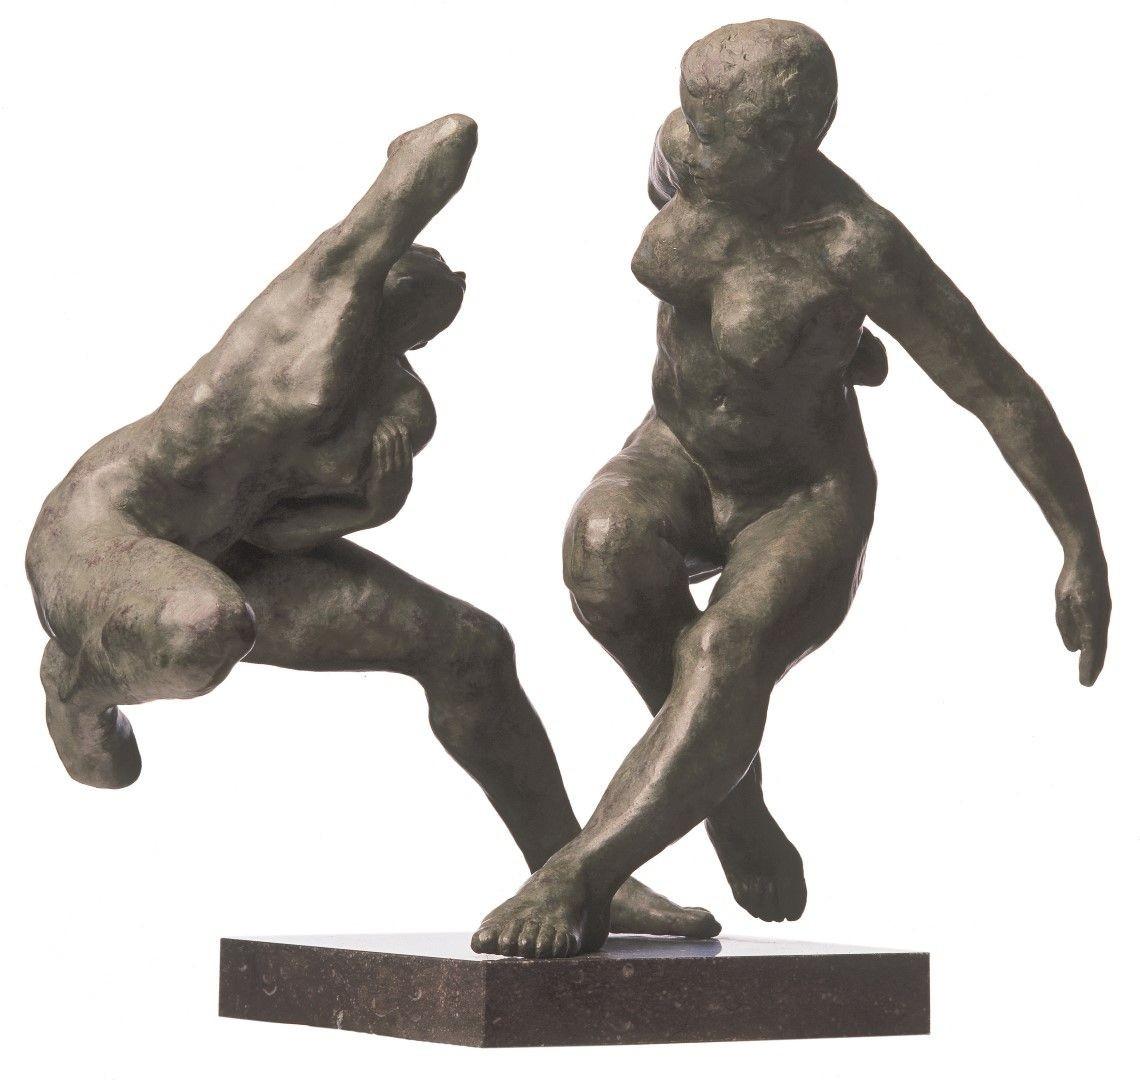 Joris Verdonkschot   Two Figures